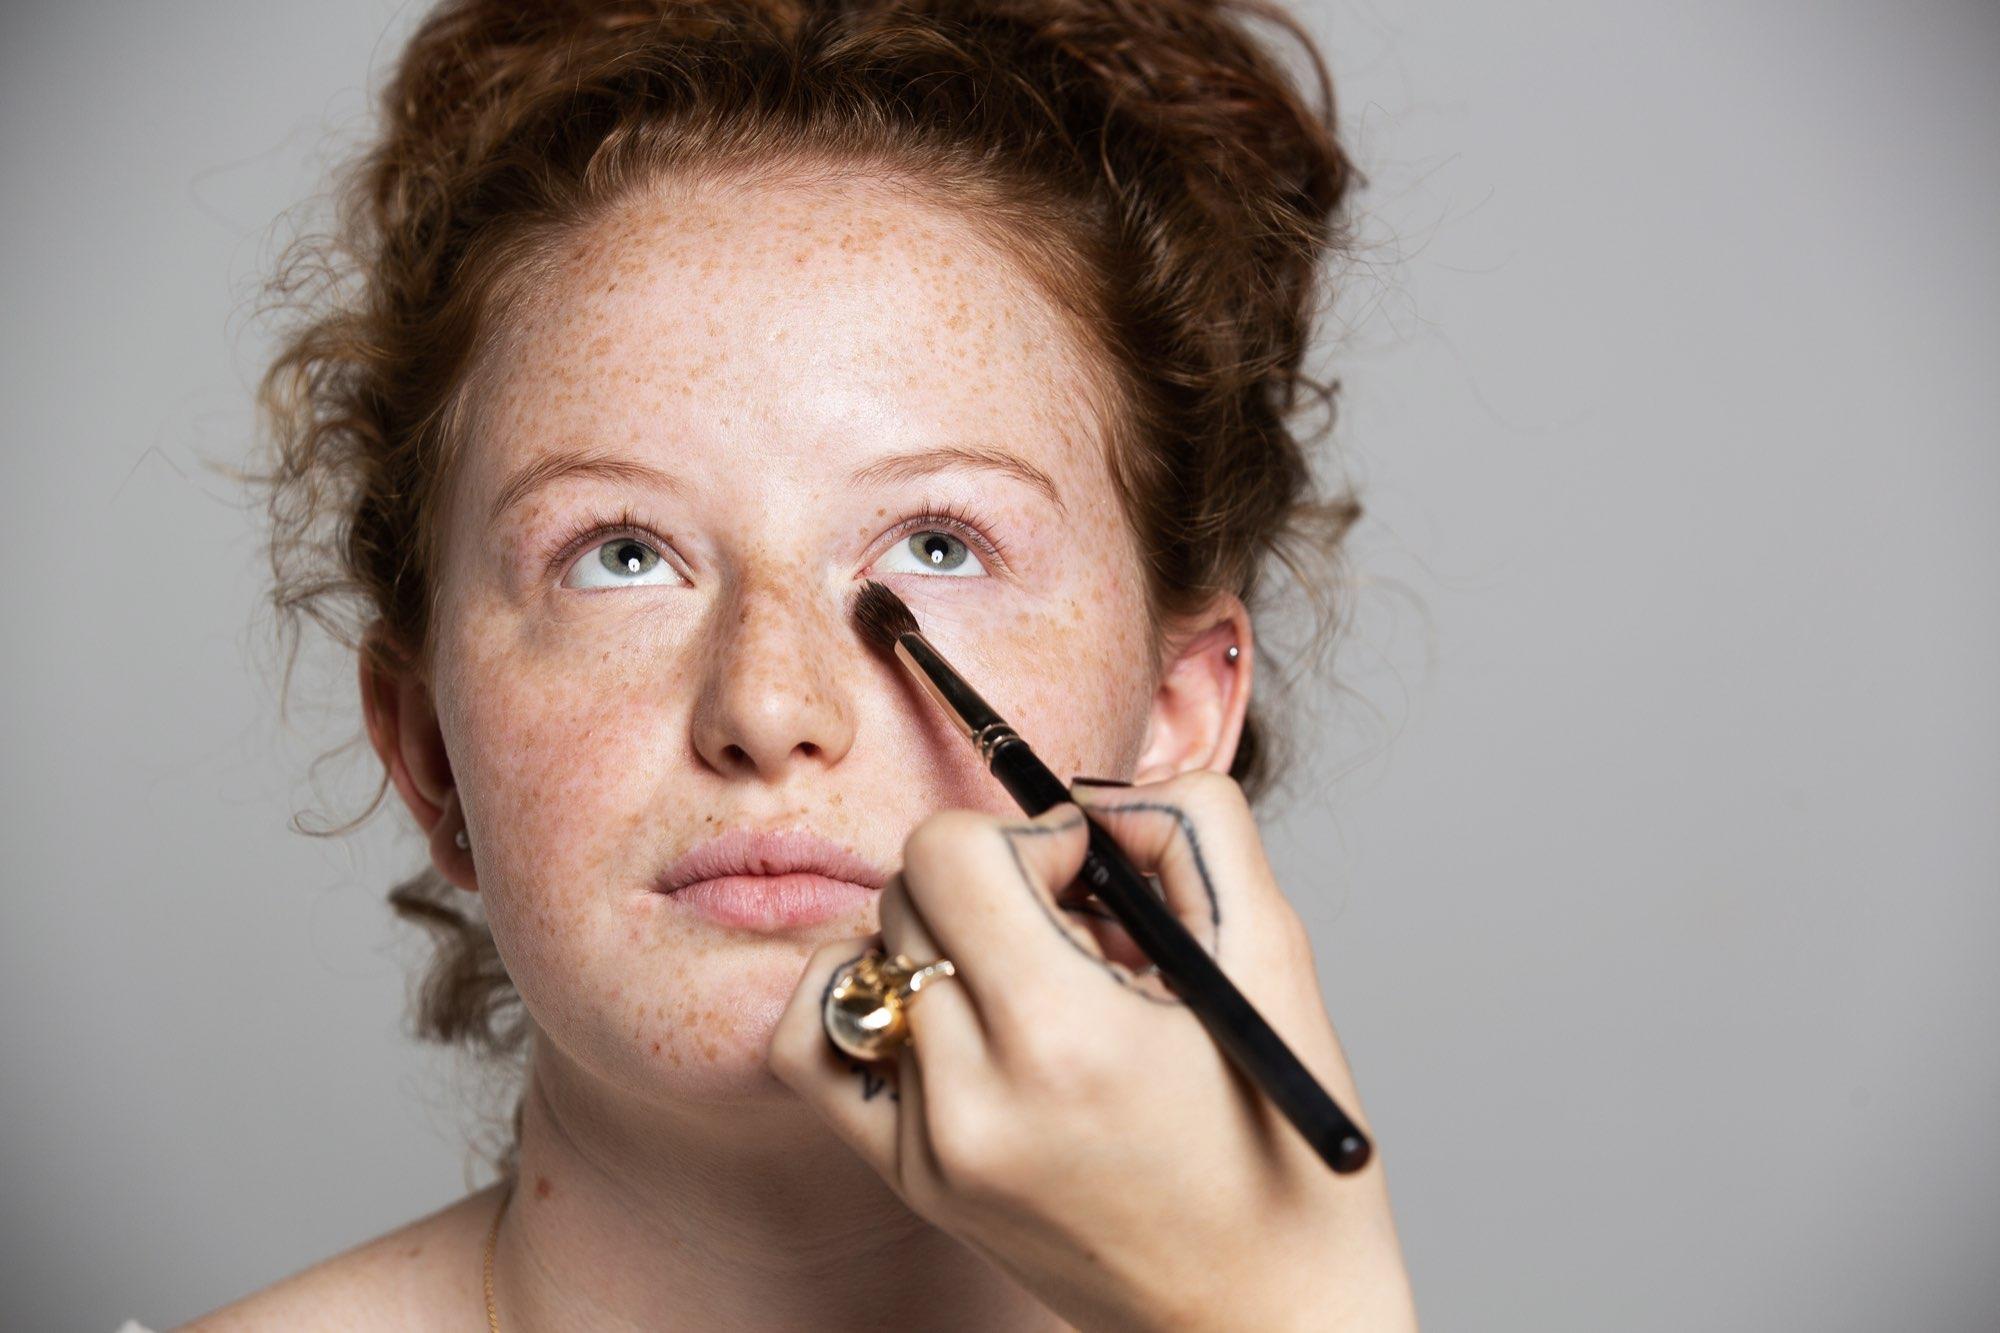 5 Minuten Makeup  - 5-minuten-makeup--ID14535-2.jpeg?v=1597756592